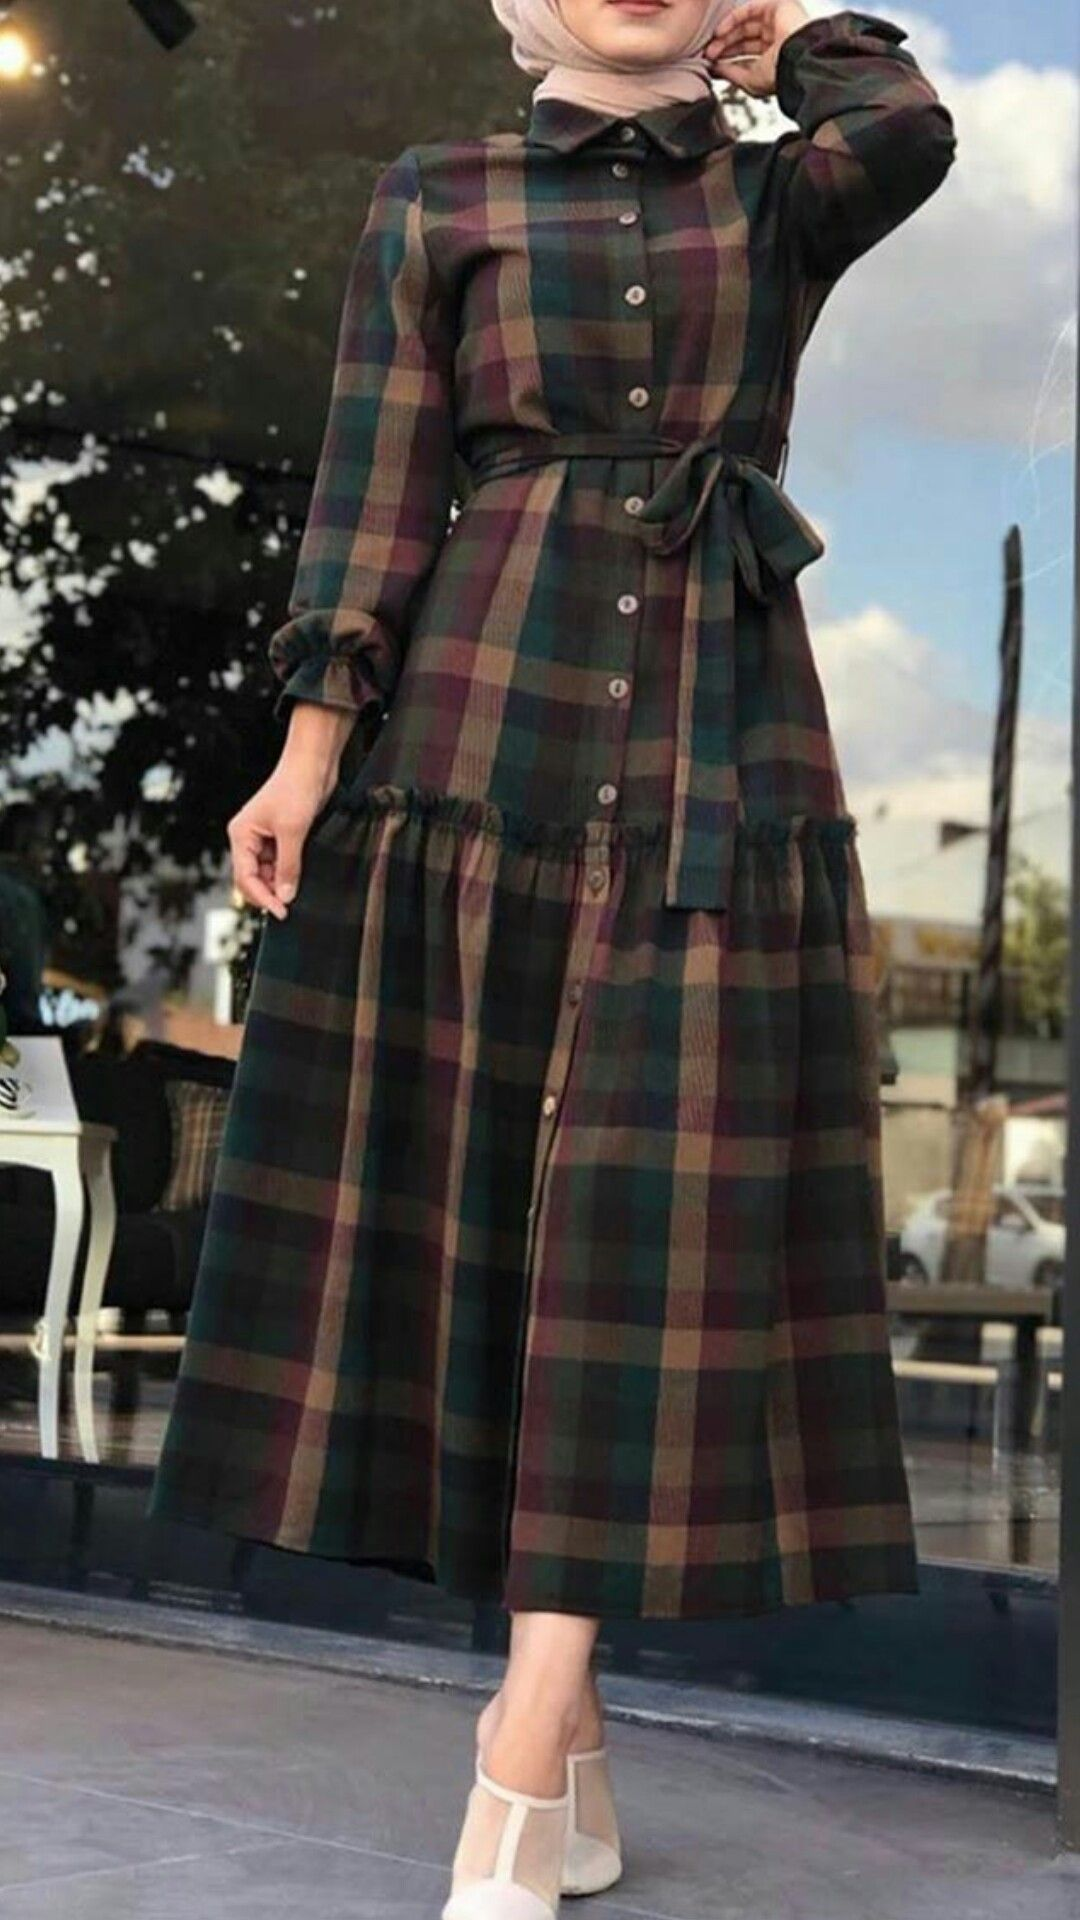 Tesettur Hirka Modelleri 2020 Tesettur Hirka Modelleri 2020 Tesettur Elbise Modelleri 2020 2020 Mutevazi Kiyafetler Kadin Modasi Elbiseler Elbise